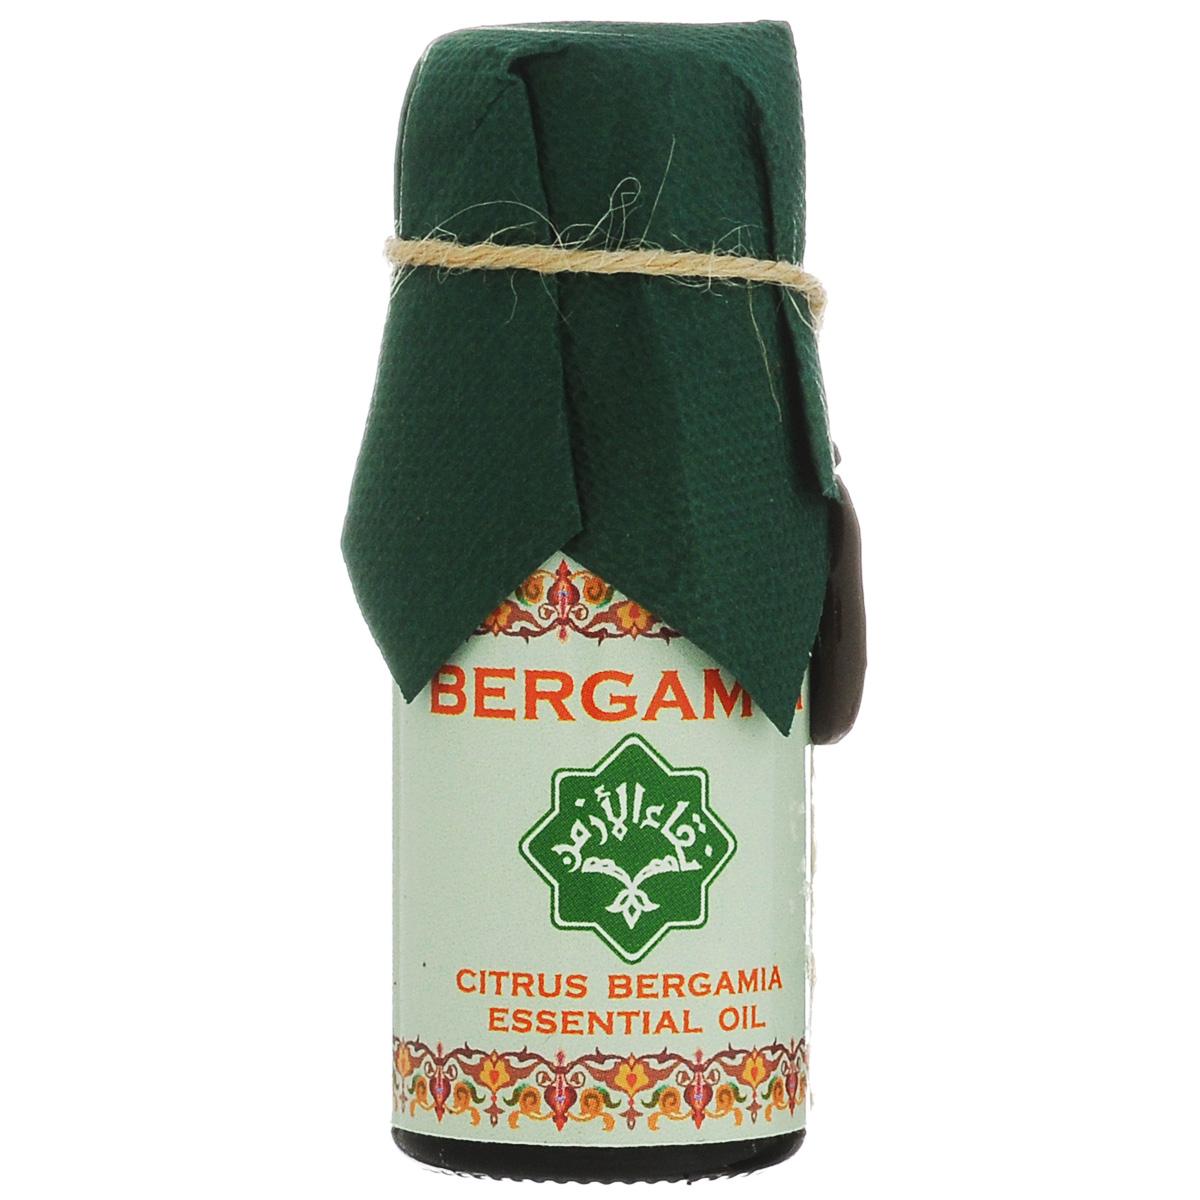 Зейтун Эфирное масло Бергамот, 10 млZ3605Абсолютно чистое, 100% натуральное эфирное масло Бергамота, произведенное в соответствии со стандартом европейской фармакопеи; по своим качествам и свойствам значительно превосходит дешевые аналоги. Применение в ароматерапии: Эфирное масло бергамота подавляет депрессию, поднимает настроение, избавляет от чувства страха. Повышает коммуникабельность, усиливает воображение и творческие стороны мышления. Является куртуазным чувственным ароматом. Активизирует жизненную энергию, поднимает ментальную «планку», способствует успеху в познании и творчестве. Оказывает успокаивающее действие при нервных напряжениях, стрессах, депрессии и меланхолии. Горьковато-цитрусовый запах бергамота освежает, помогает справиться с чувством собственной неполноценности, будит воображение, способствует творчеству. Эфирное масло бергамота создает романтическую атмосферу, стимулирует чувственность. Осветляет, усиливает яркость ауры и Вашей жизни, помогает добиться успехов в познании, творчестве, легко...